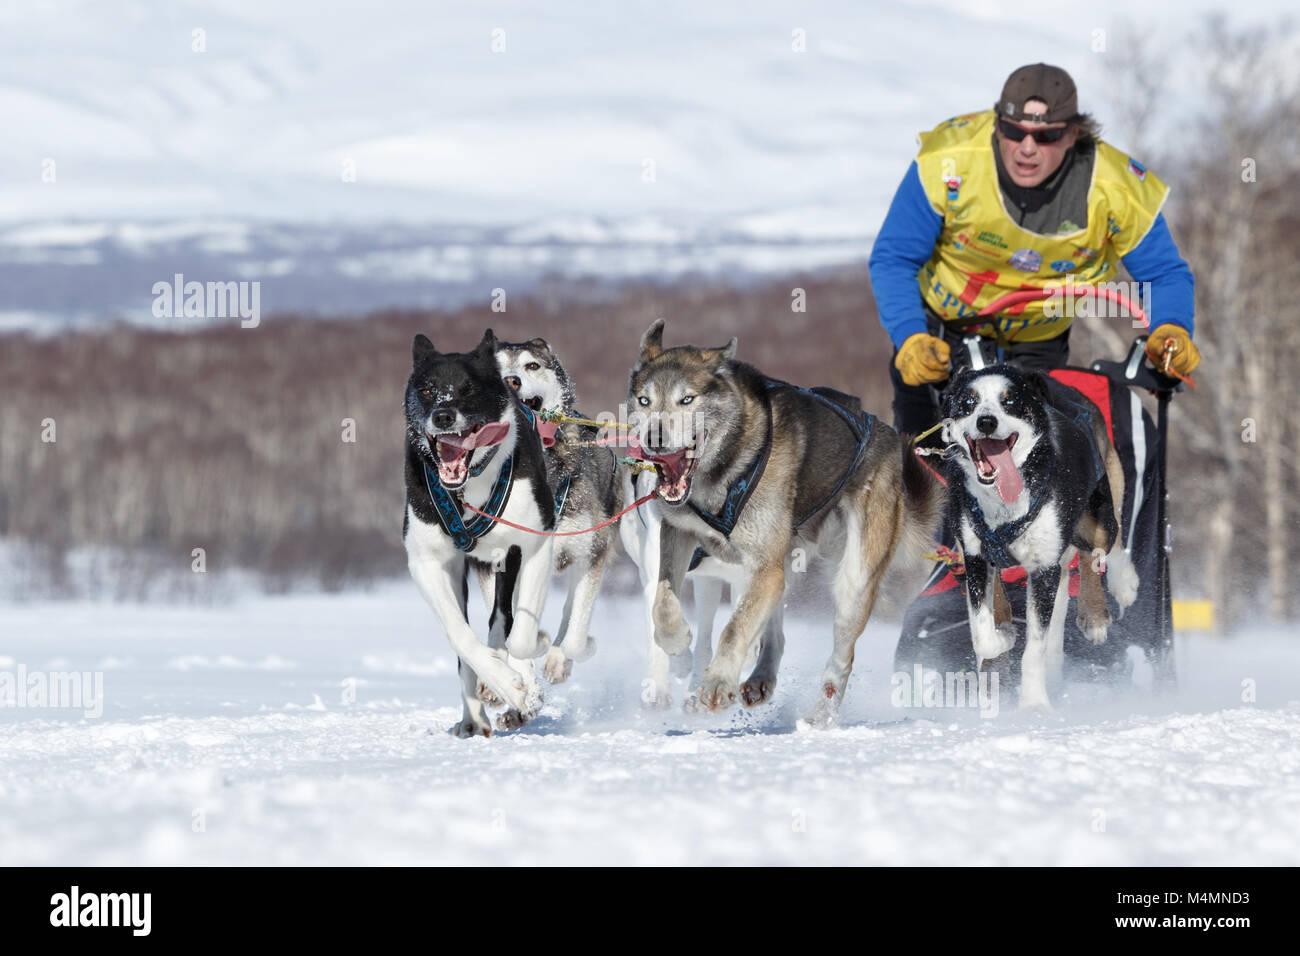 L'exécution de l'équipe de chiens de traîneau musher du Kamtchatka sur Course de chiens de traîneau la Béringie, Banque D'Images